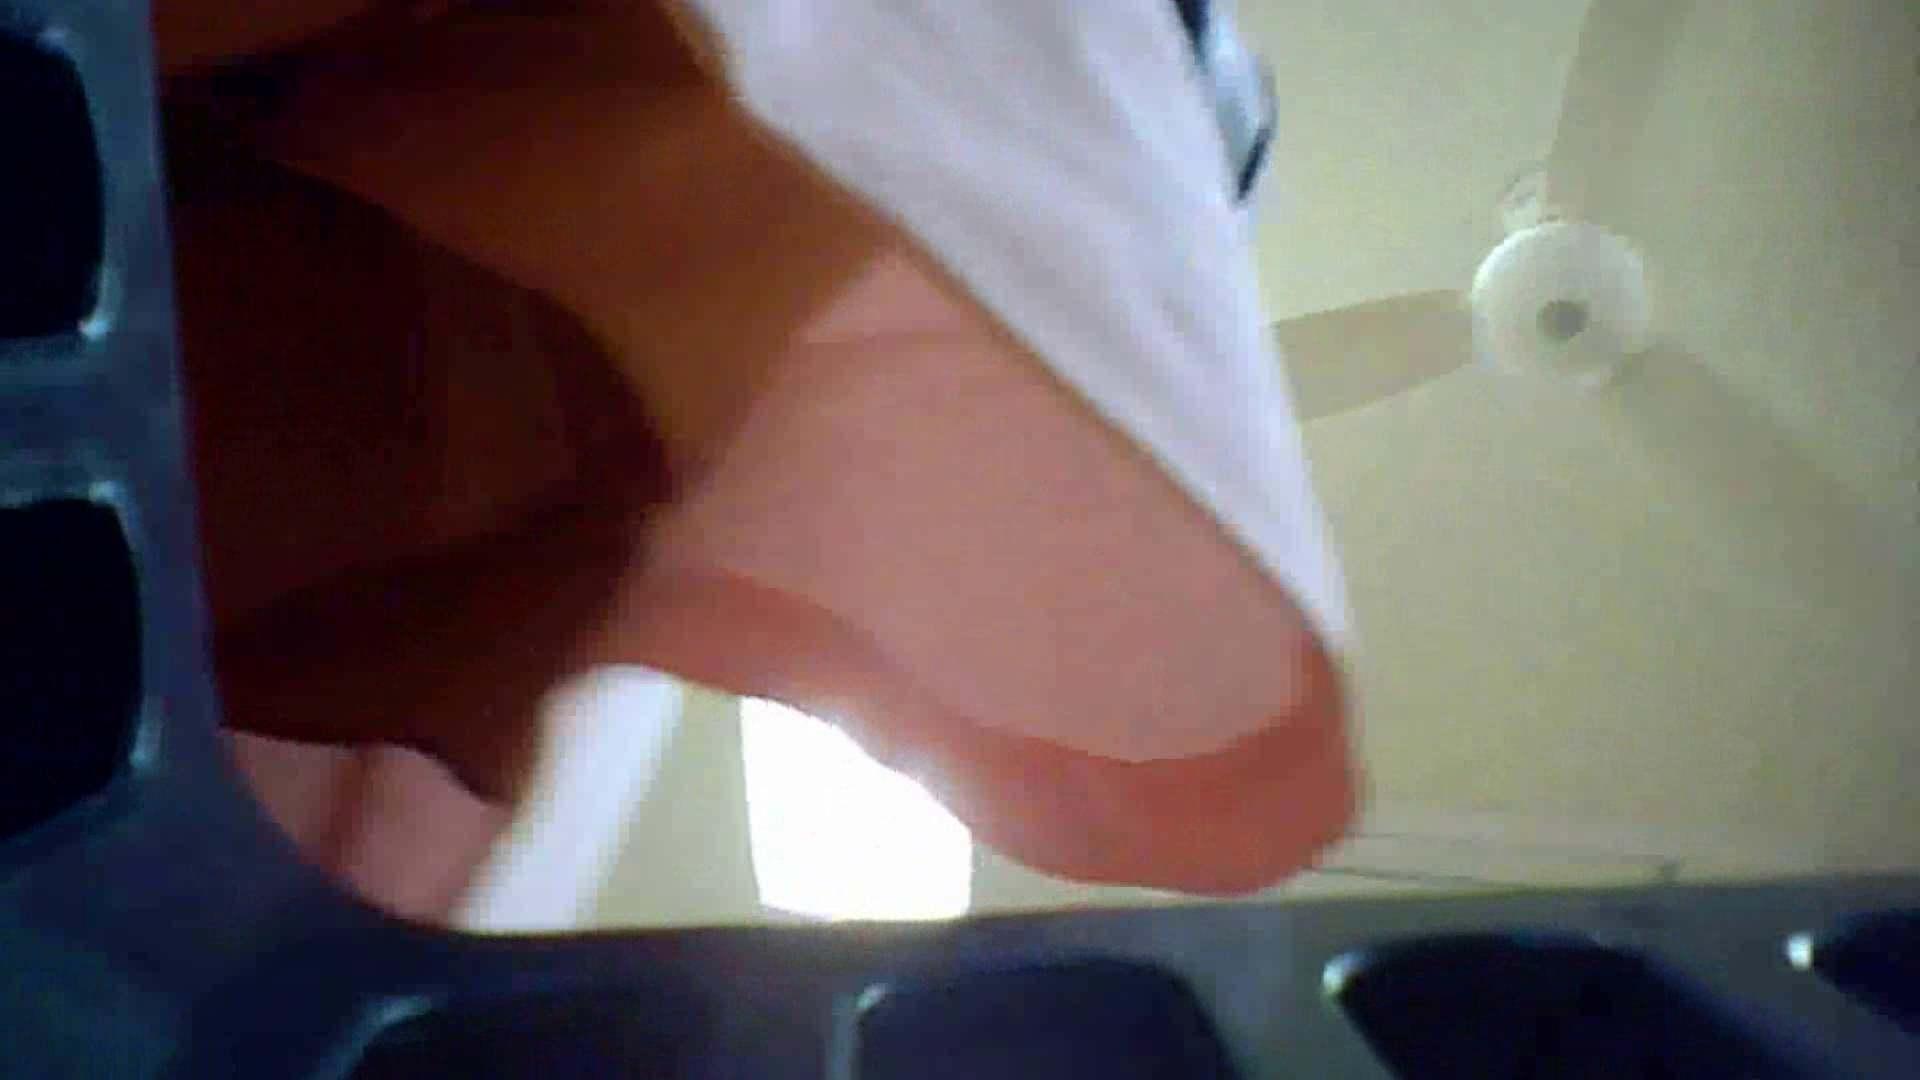 真剣に買い物中のgal達を上から下から狙います。vol.11 JKのエロ生活 | OLのエロ生活  81連発 39